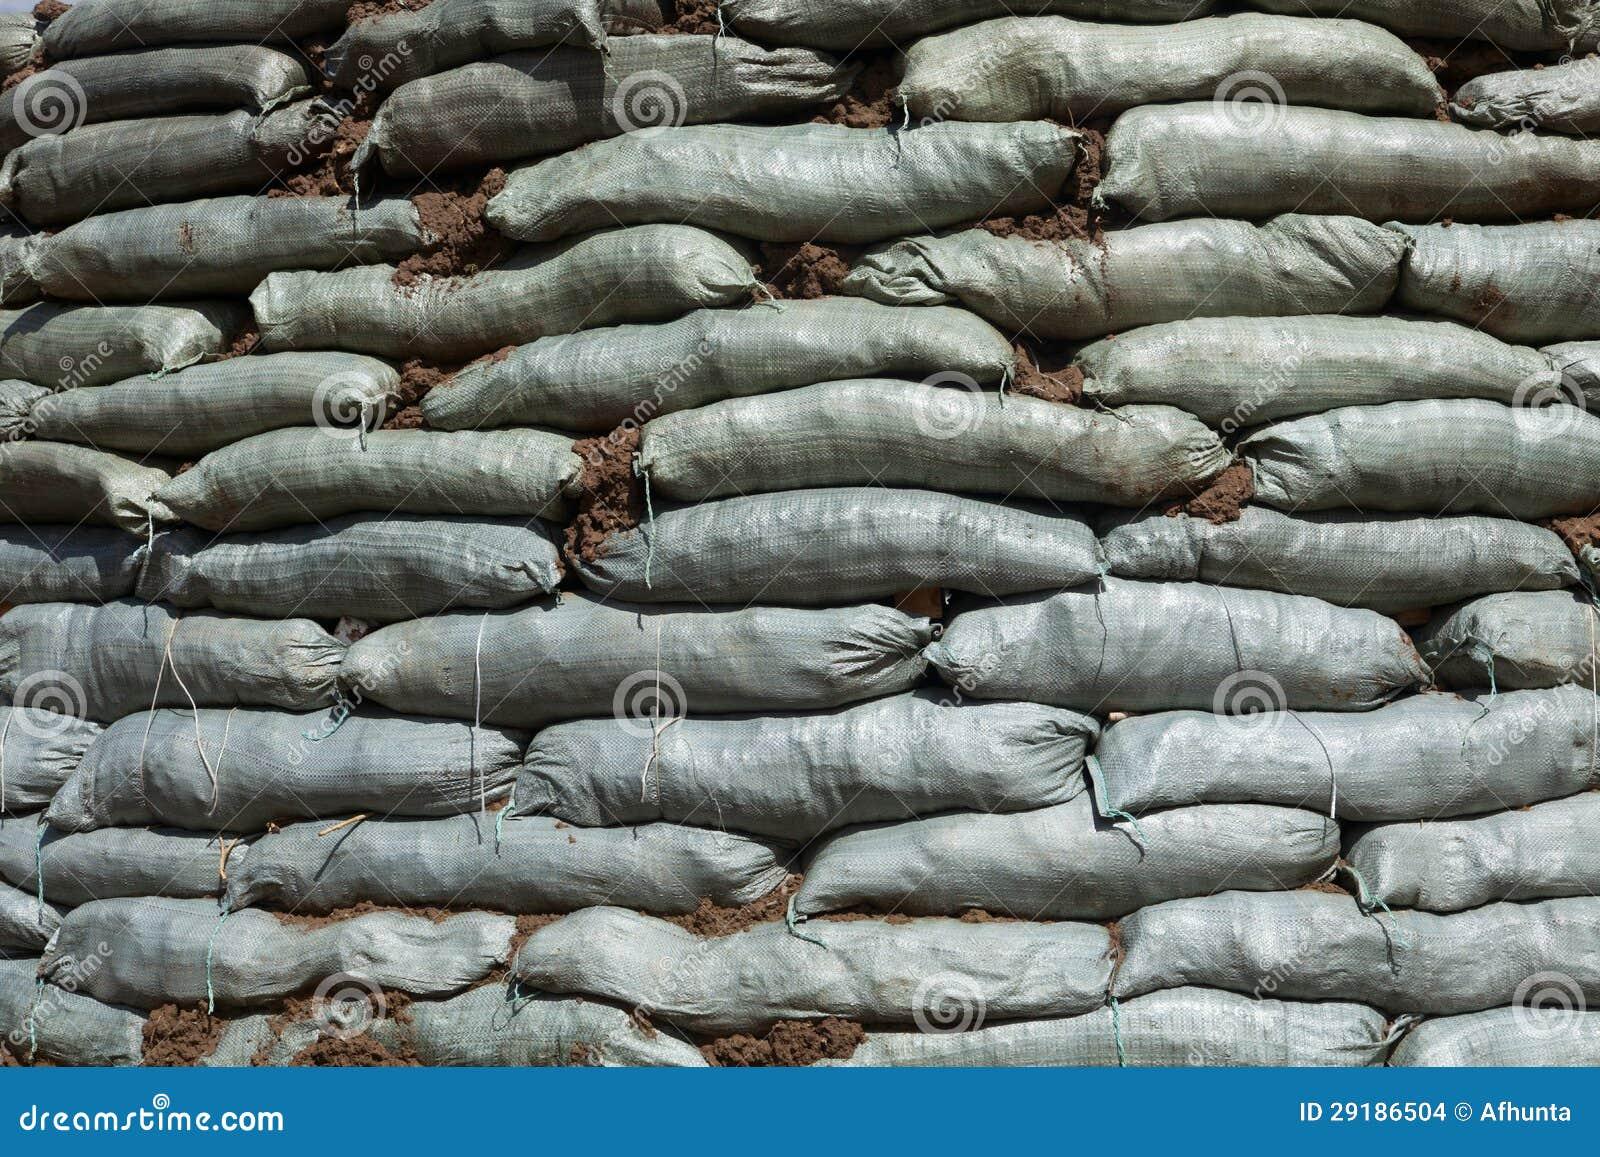 Sacs de sable pour la protection d 39 inondation images stock image 29186504 - Inondation sac de sable ...